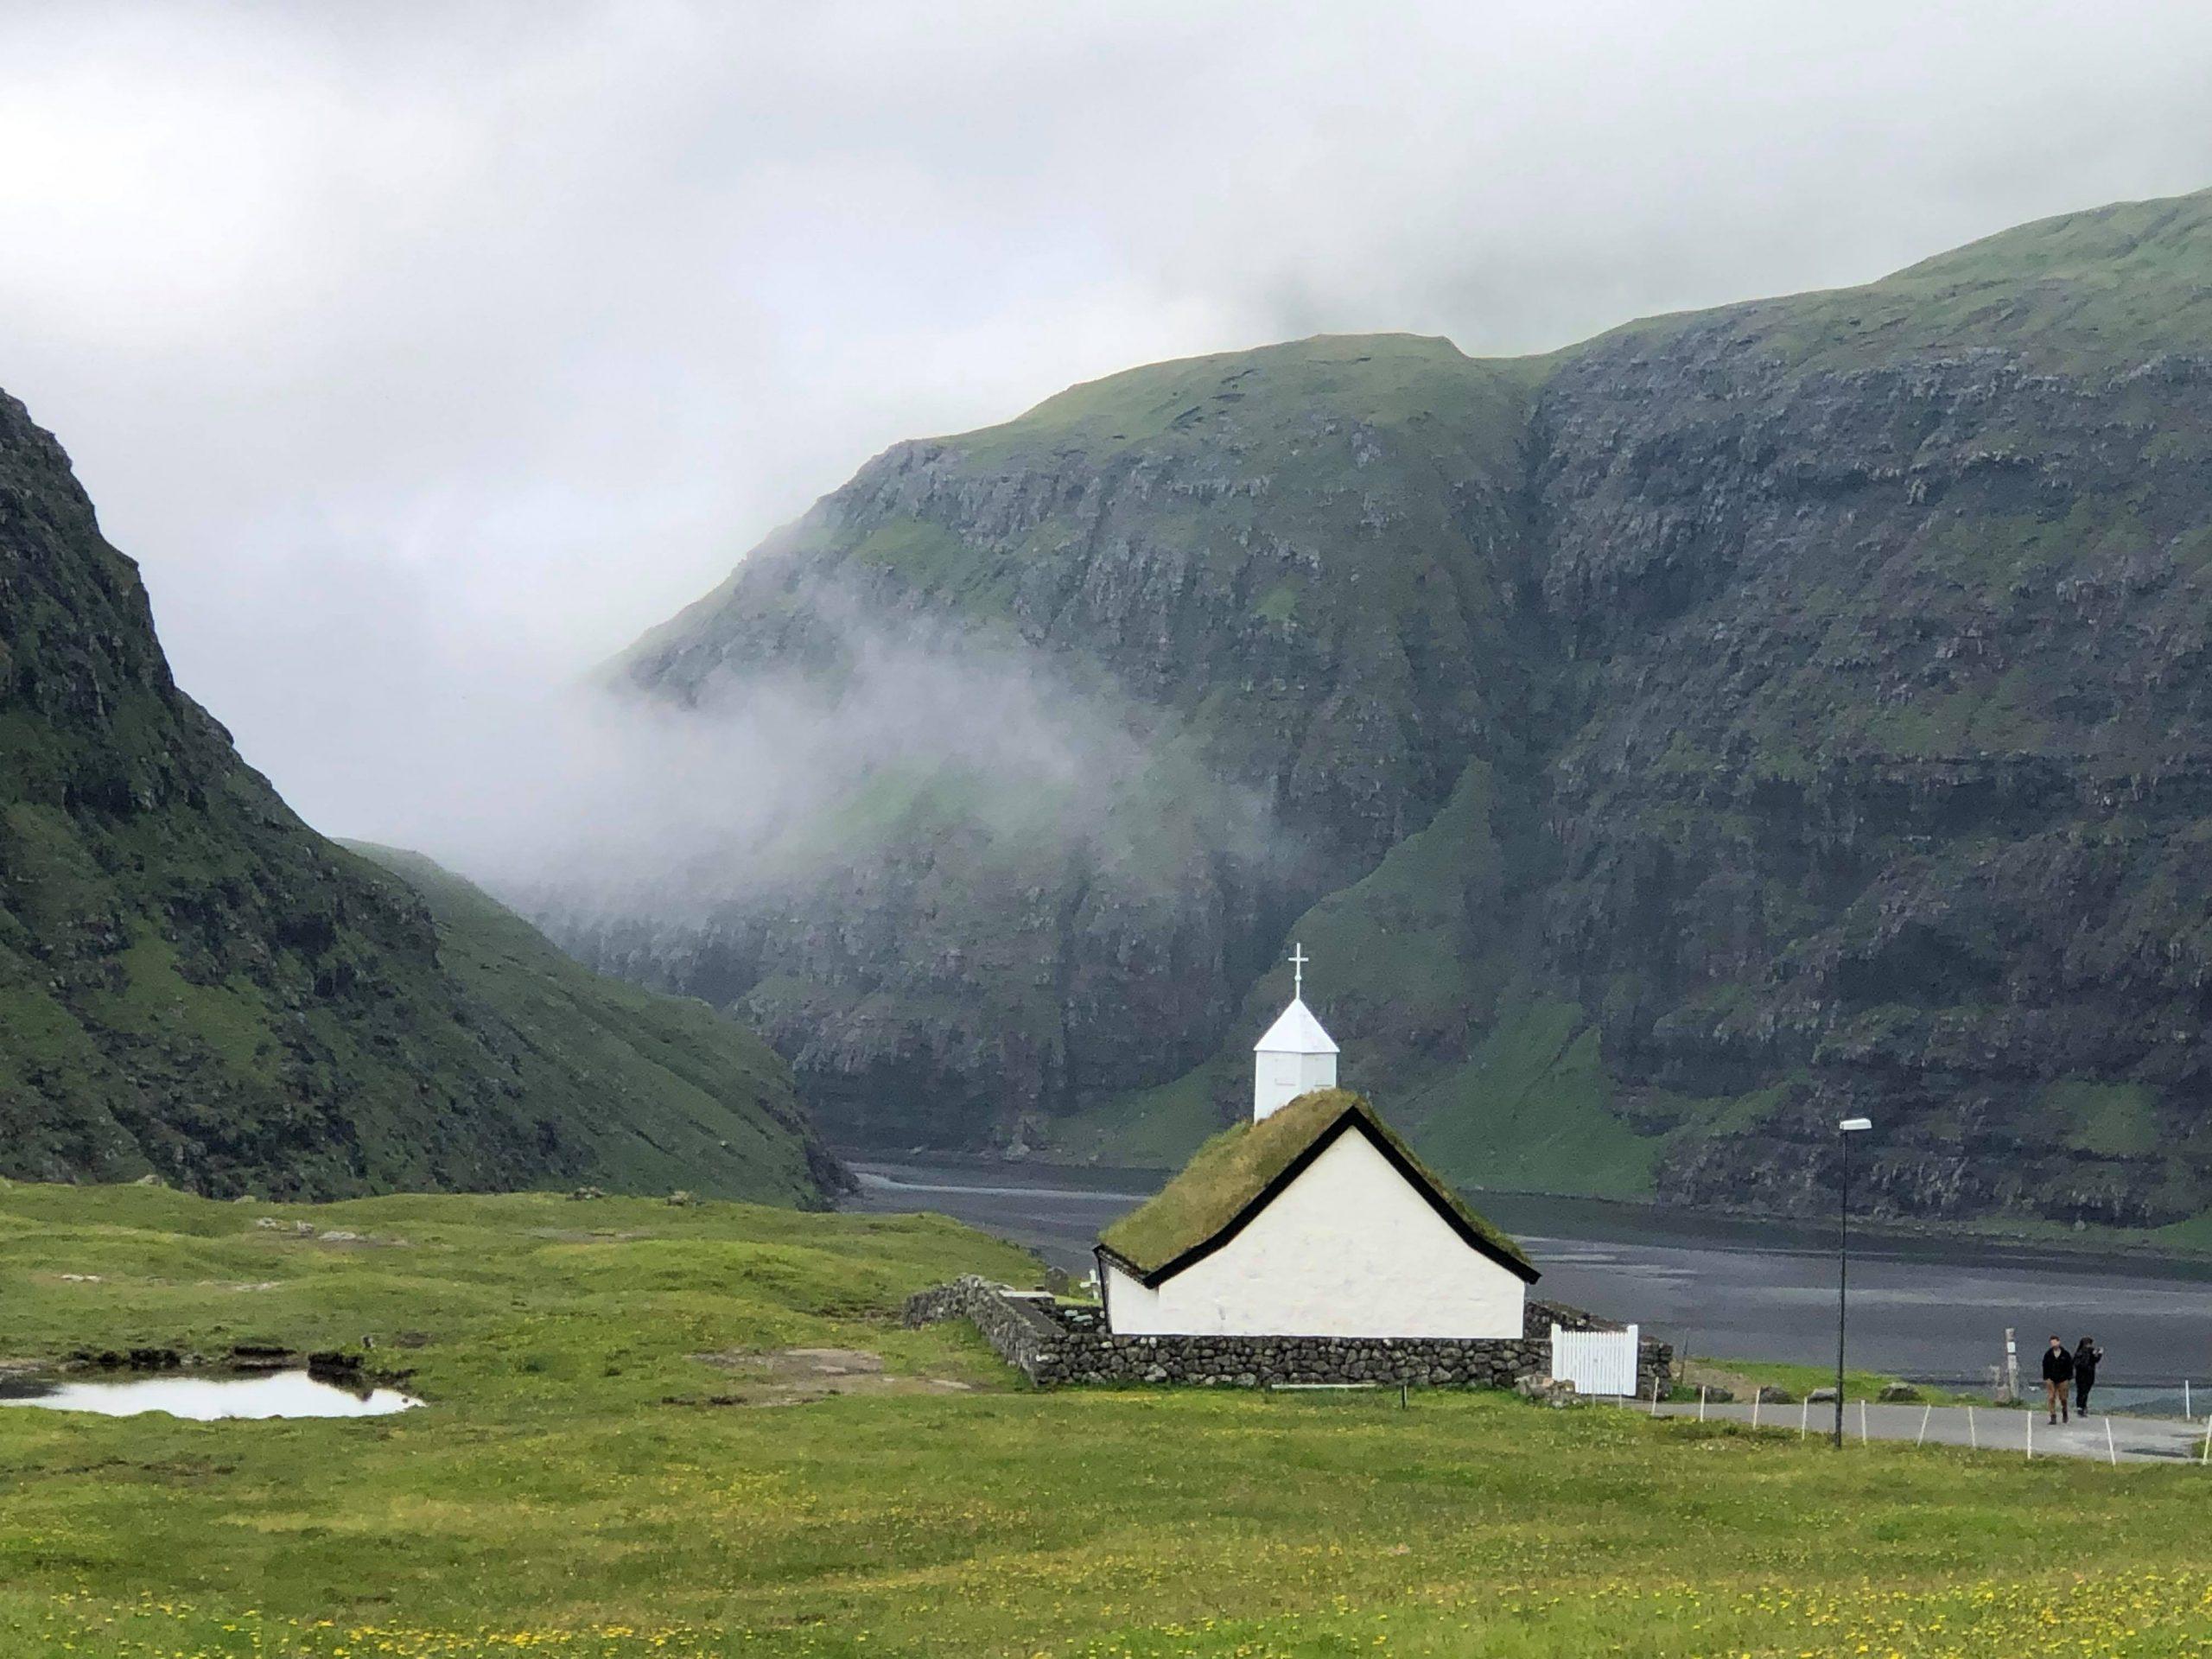 Nordlys, unik natur og en gæstfri befolkning. Færøerne har meget at byde på for turisterne. Arkivfoto: Tina Michaelsen.